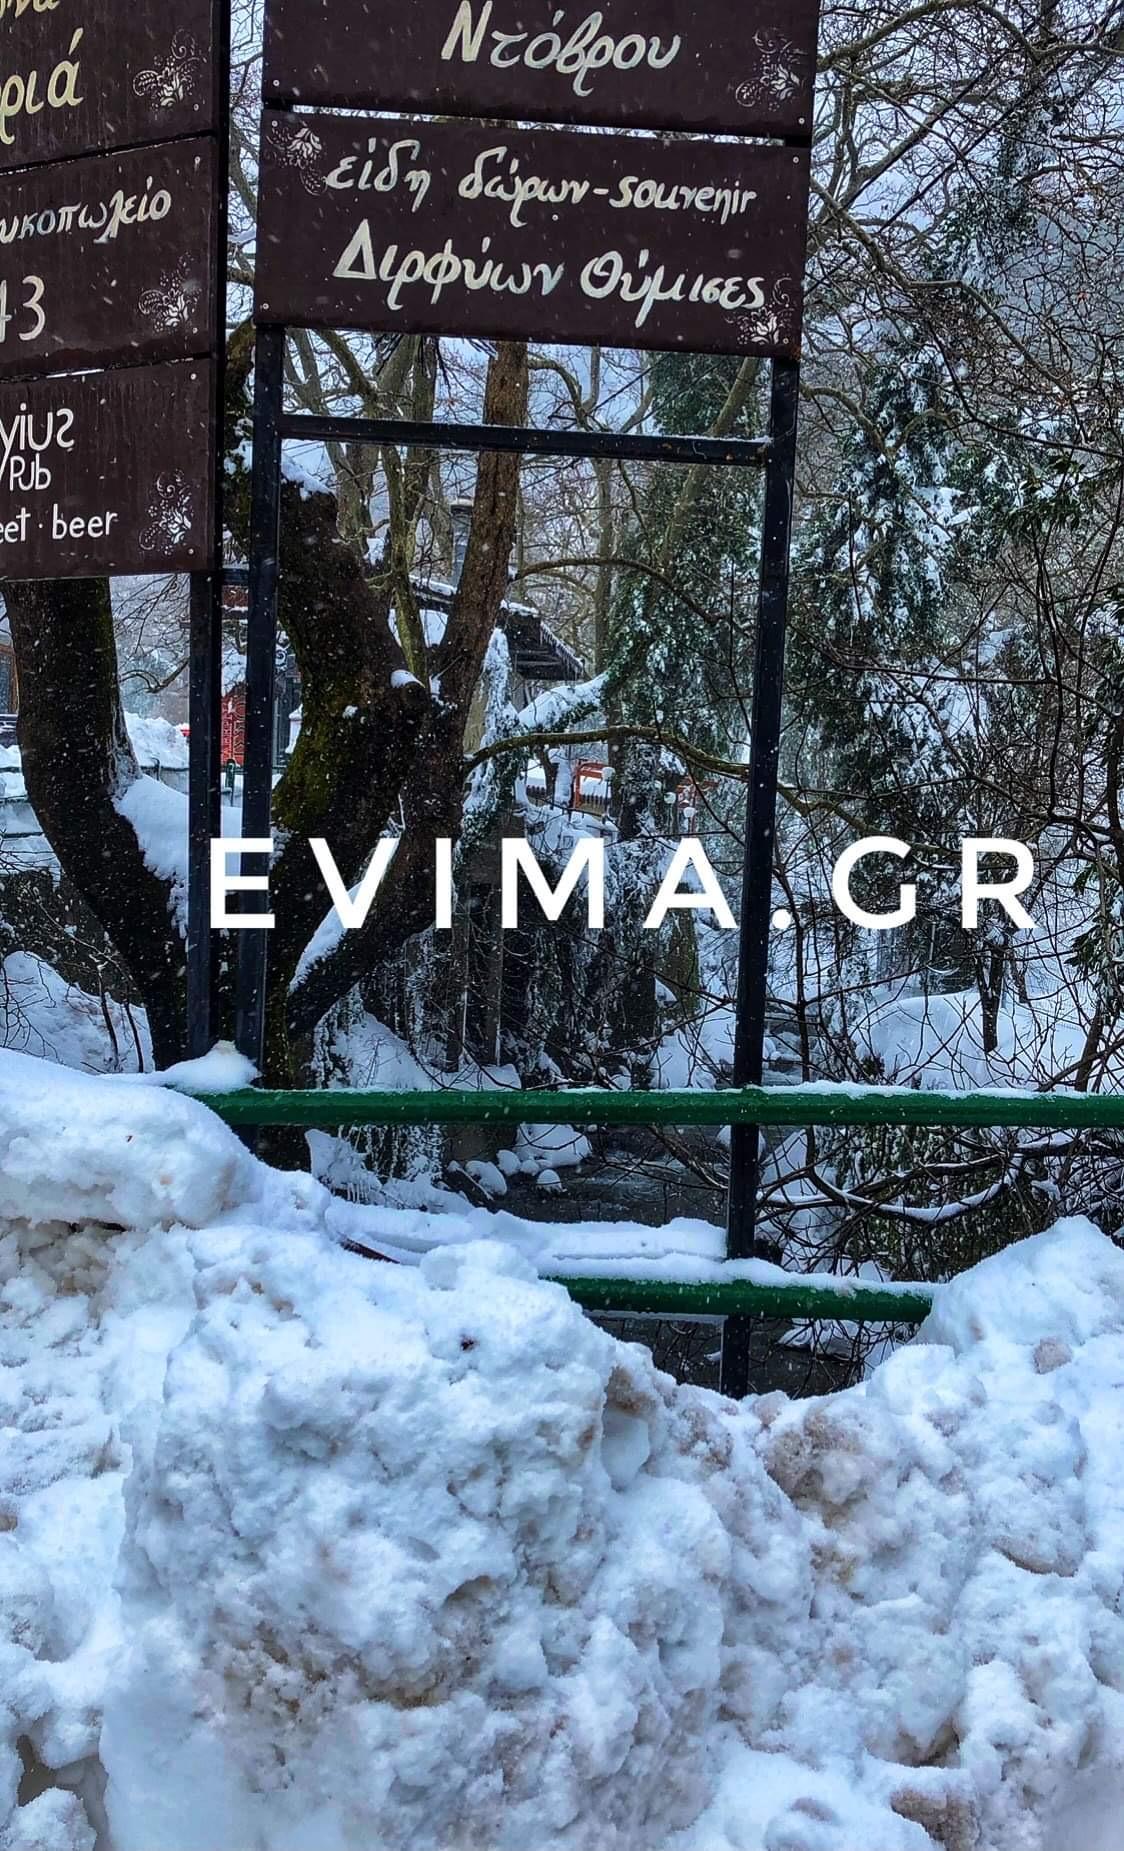 Ενημέρωση Αρναούτογλου για μετεωρολογική έκπληξη και αντί για βροχή… χιονοπτώσεις!